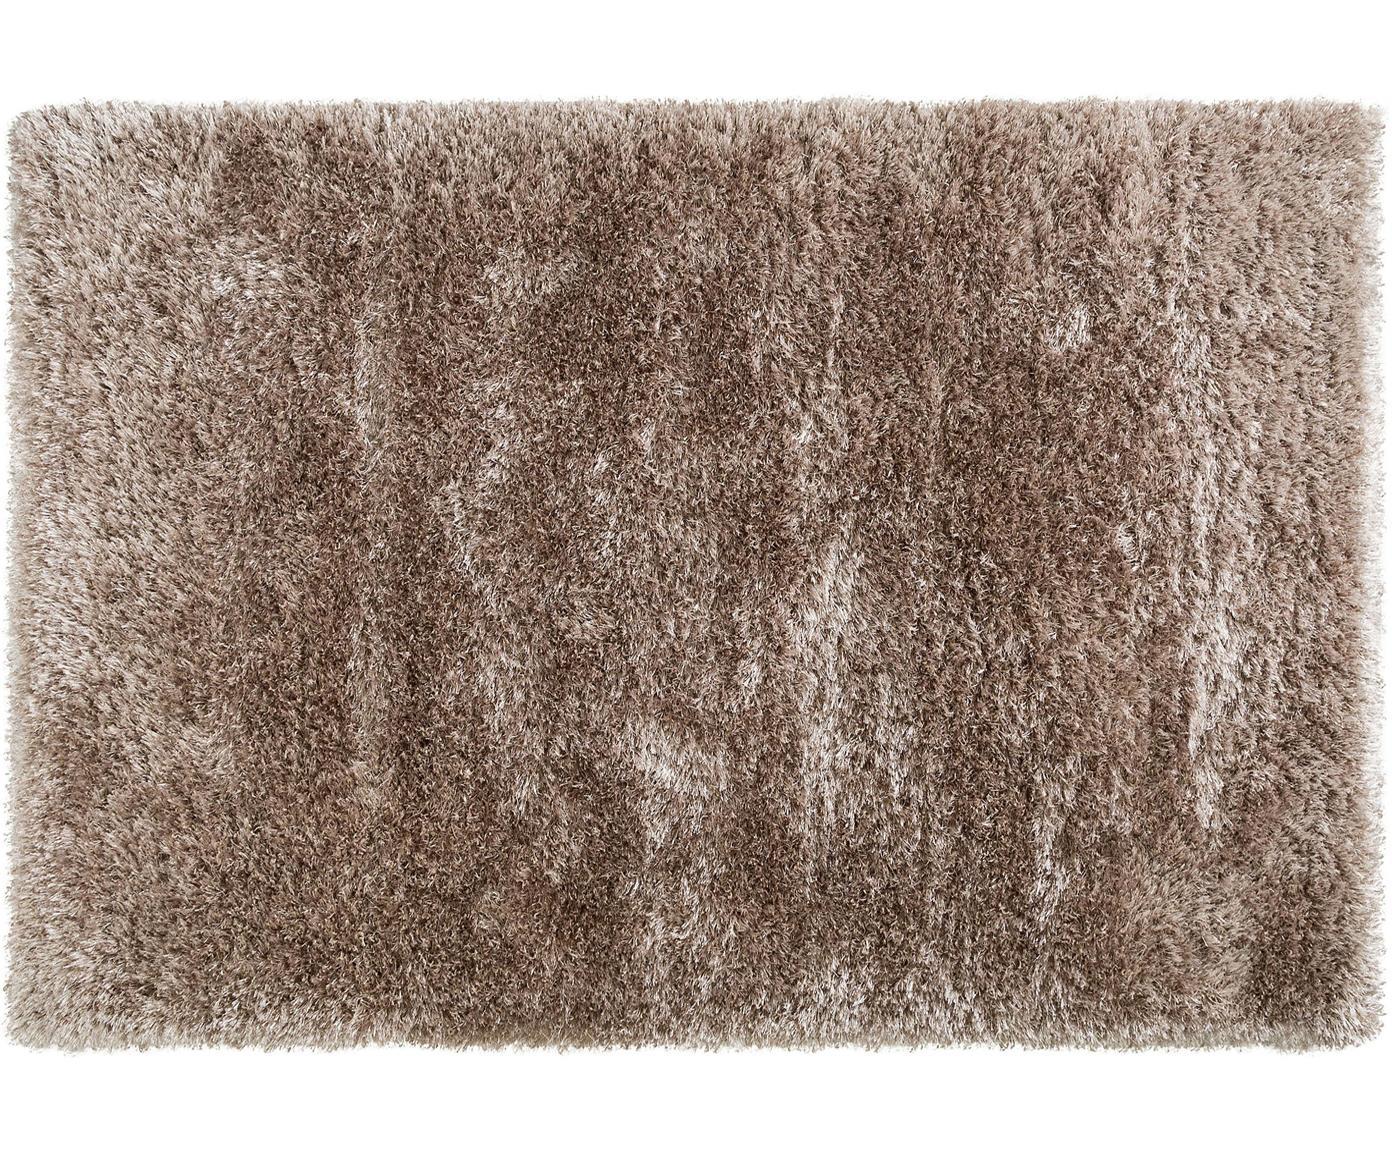 Dywan z wysokim stosem Lea, 50% poliester, 50% polipropylen, Beżowy, S 140 x D 200 cm (Rozmiar S)